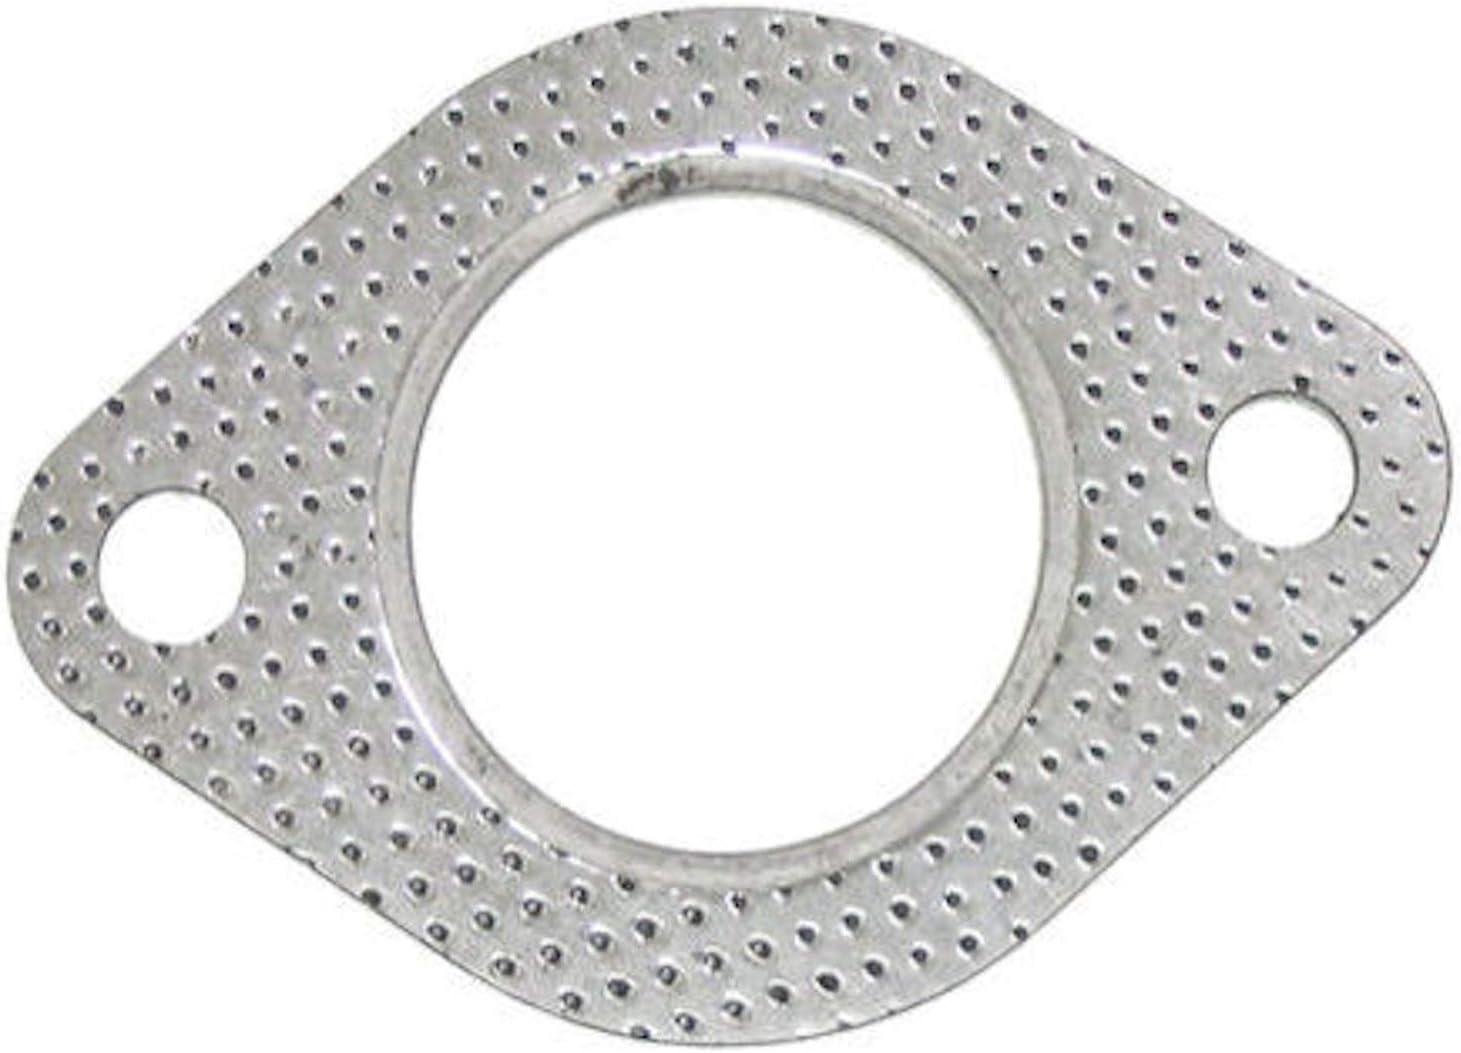 Bosal 256-1005 Exhaust Gasket